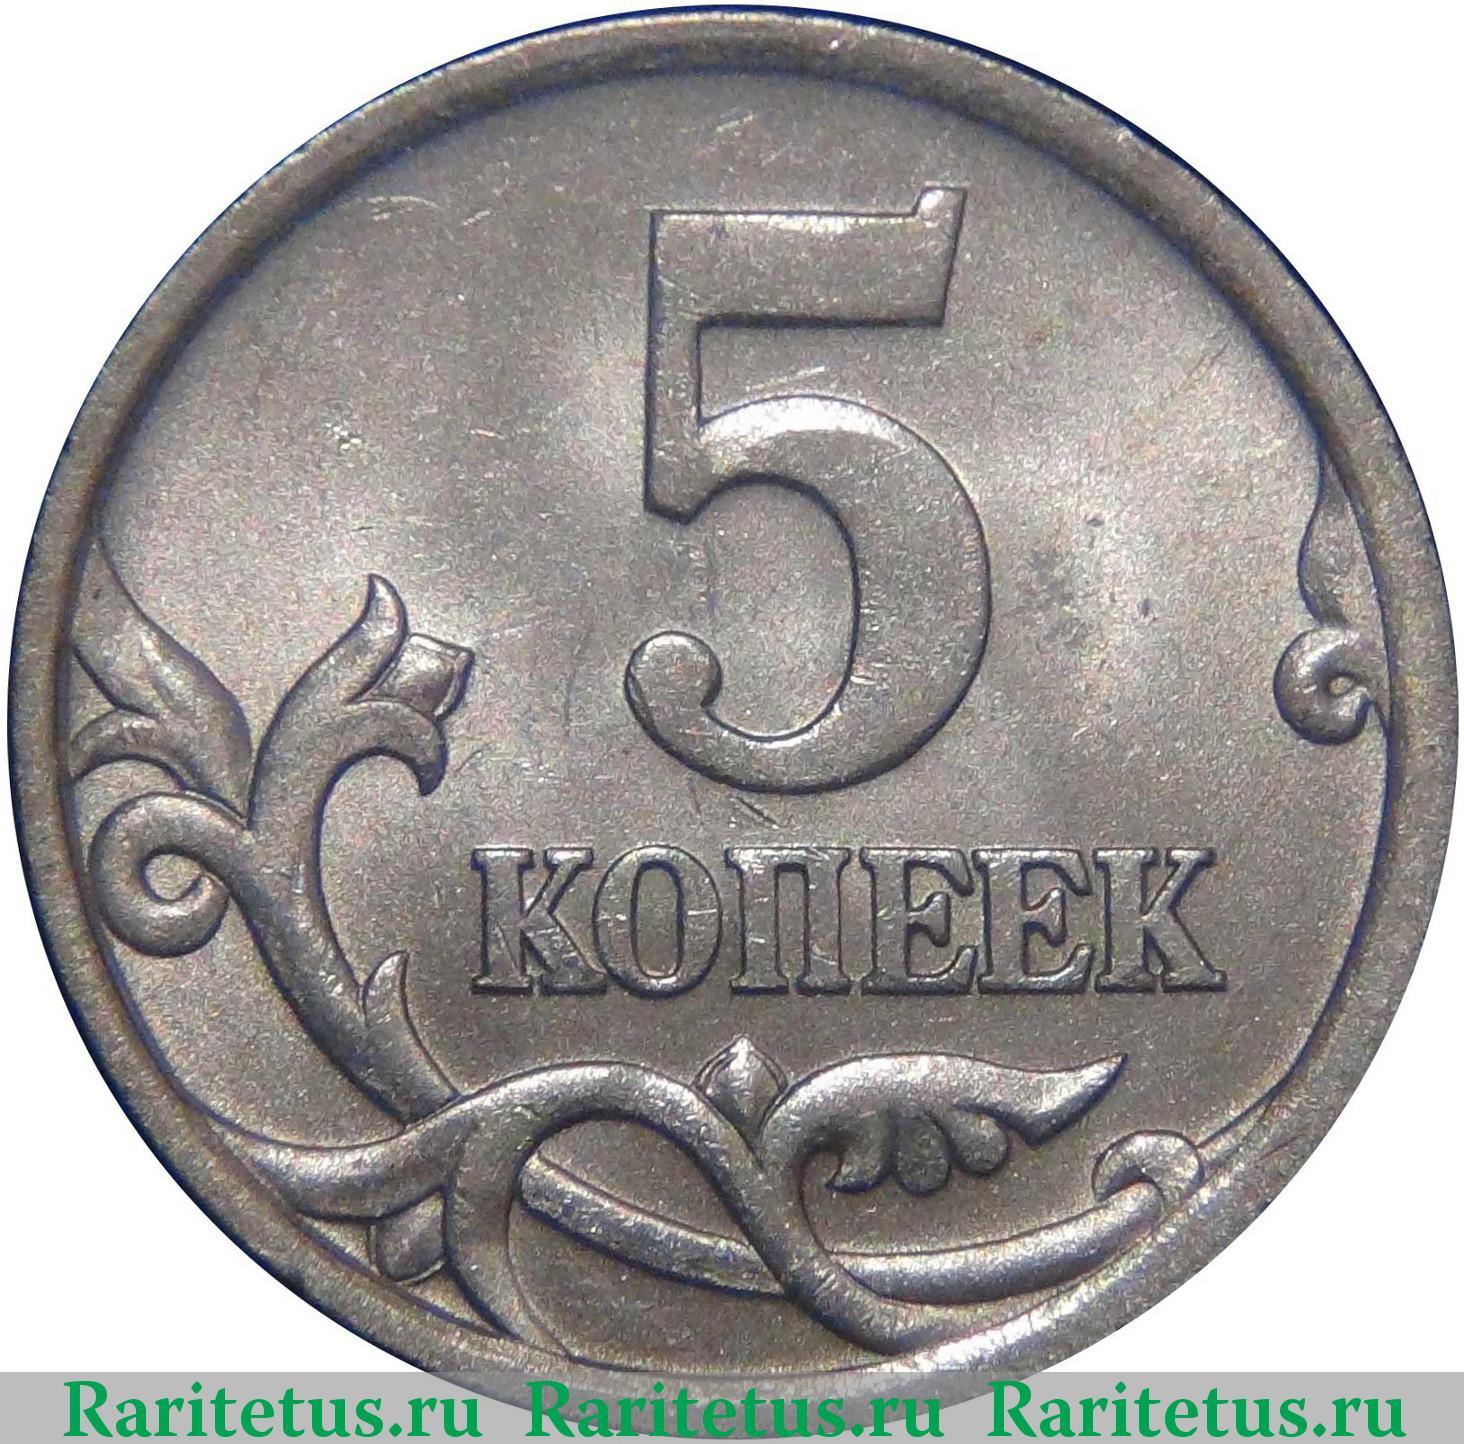 Цены на монету 5 копеек 2005 года цена украина aed 1